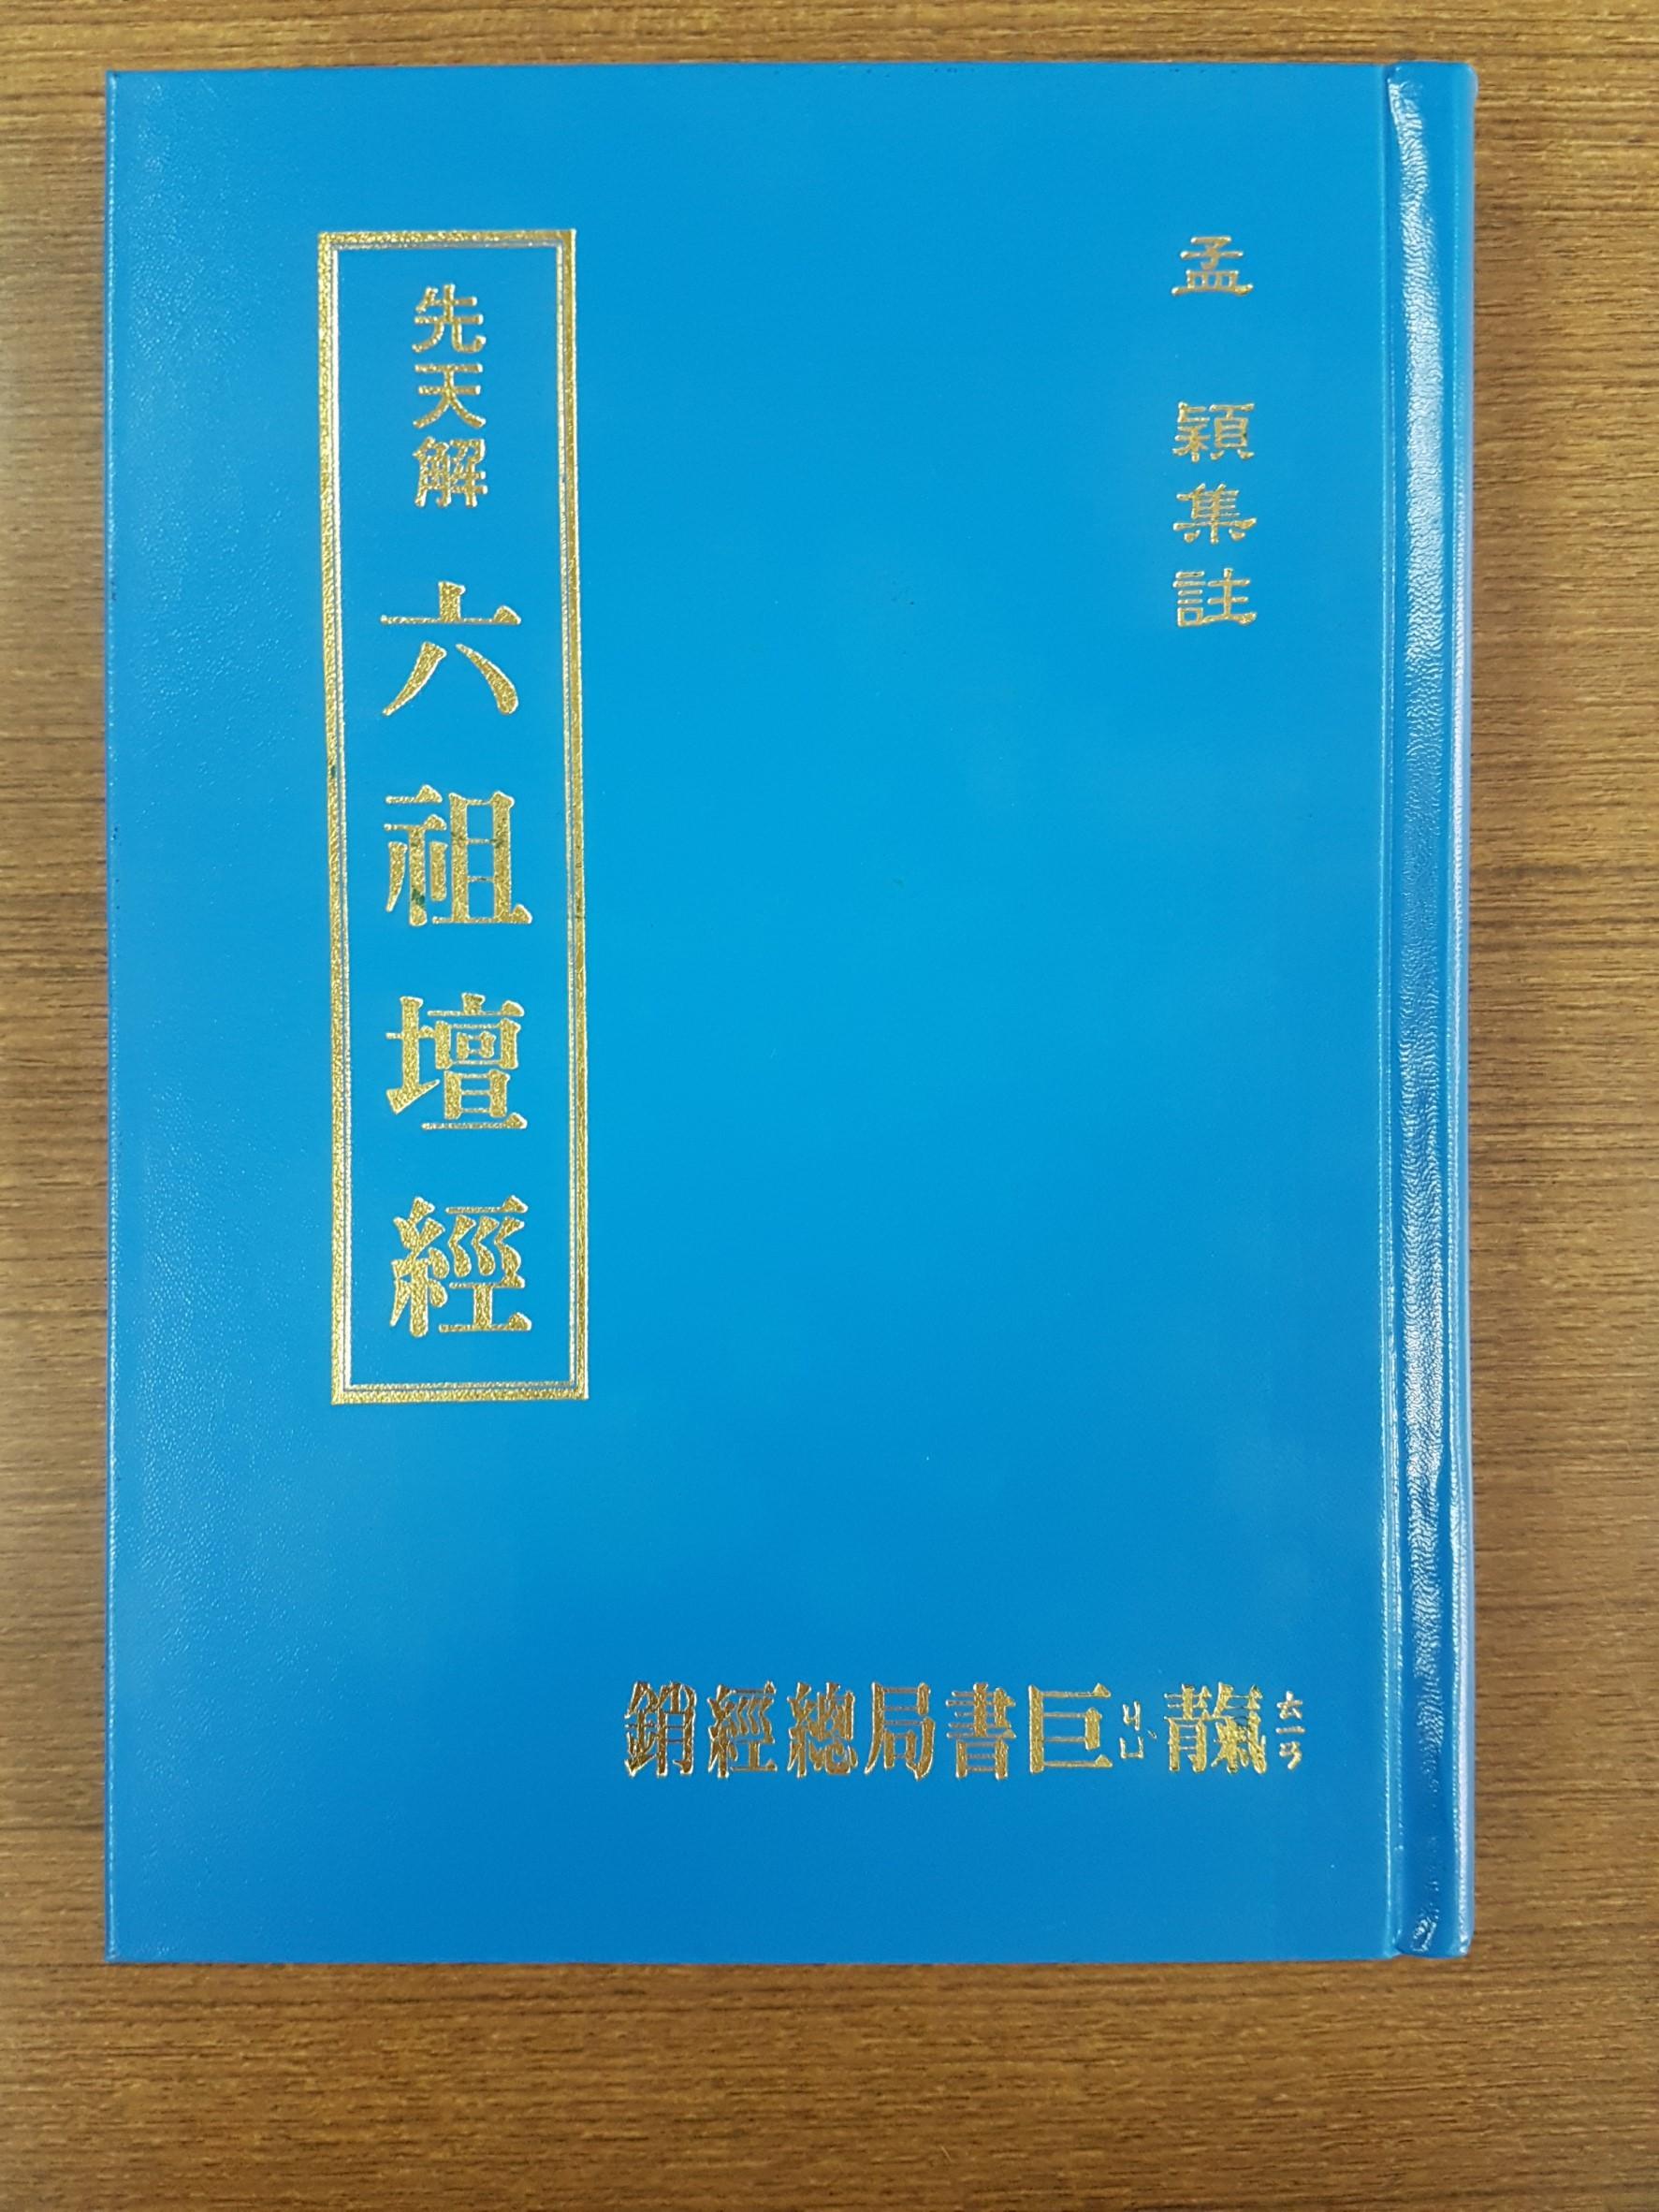 先天解 ─ 六祖壇經 精裝本 (M09-1)